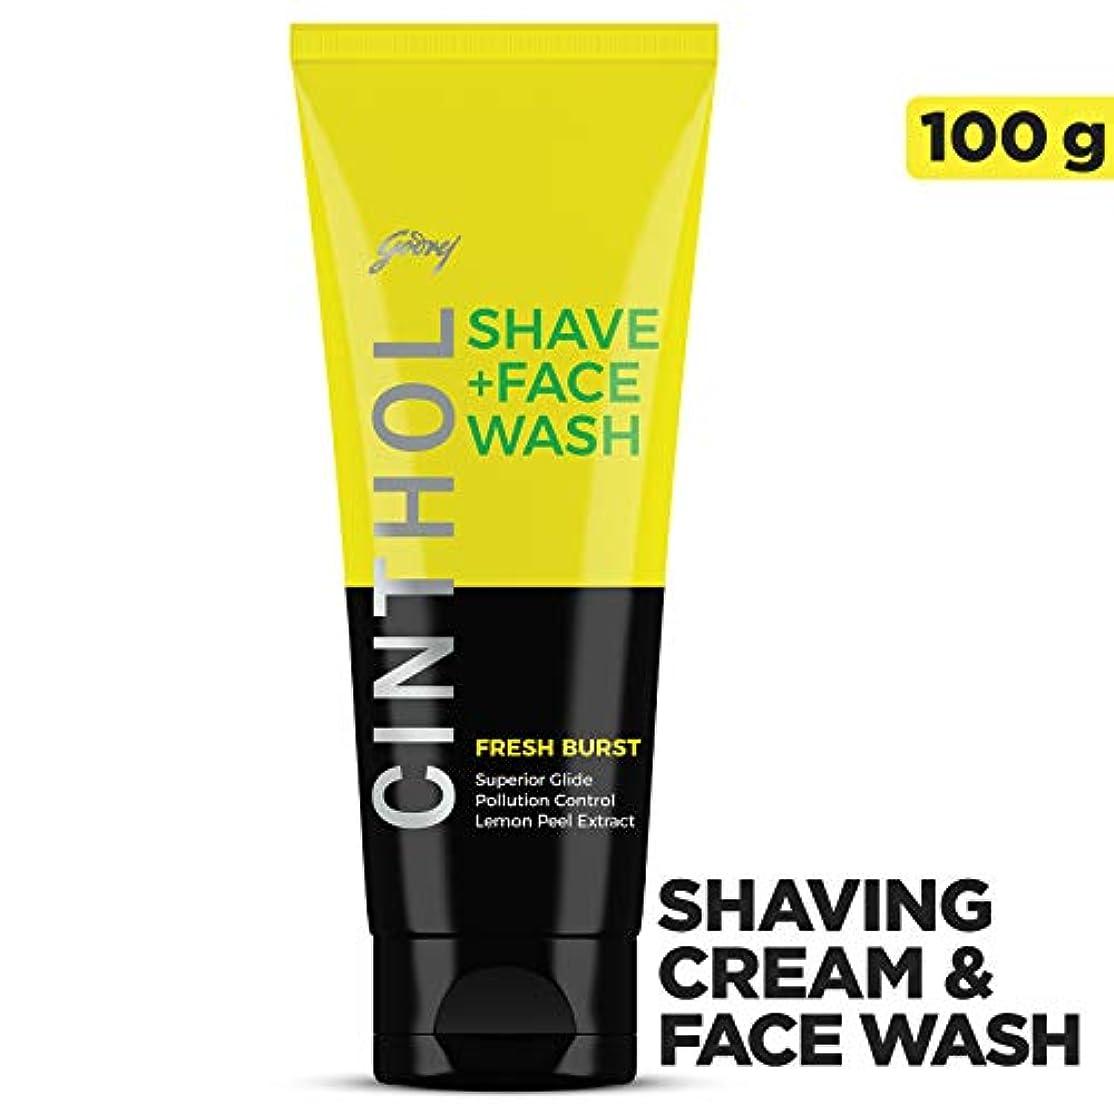 職業市区町村対処Cinthol Fresh Burst Shaving + Face Wash, 100g